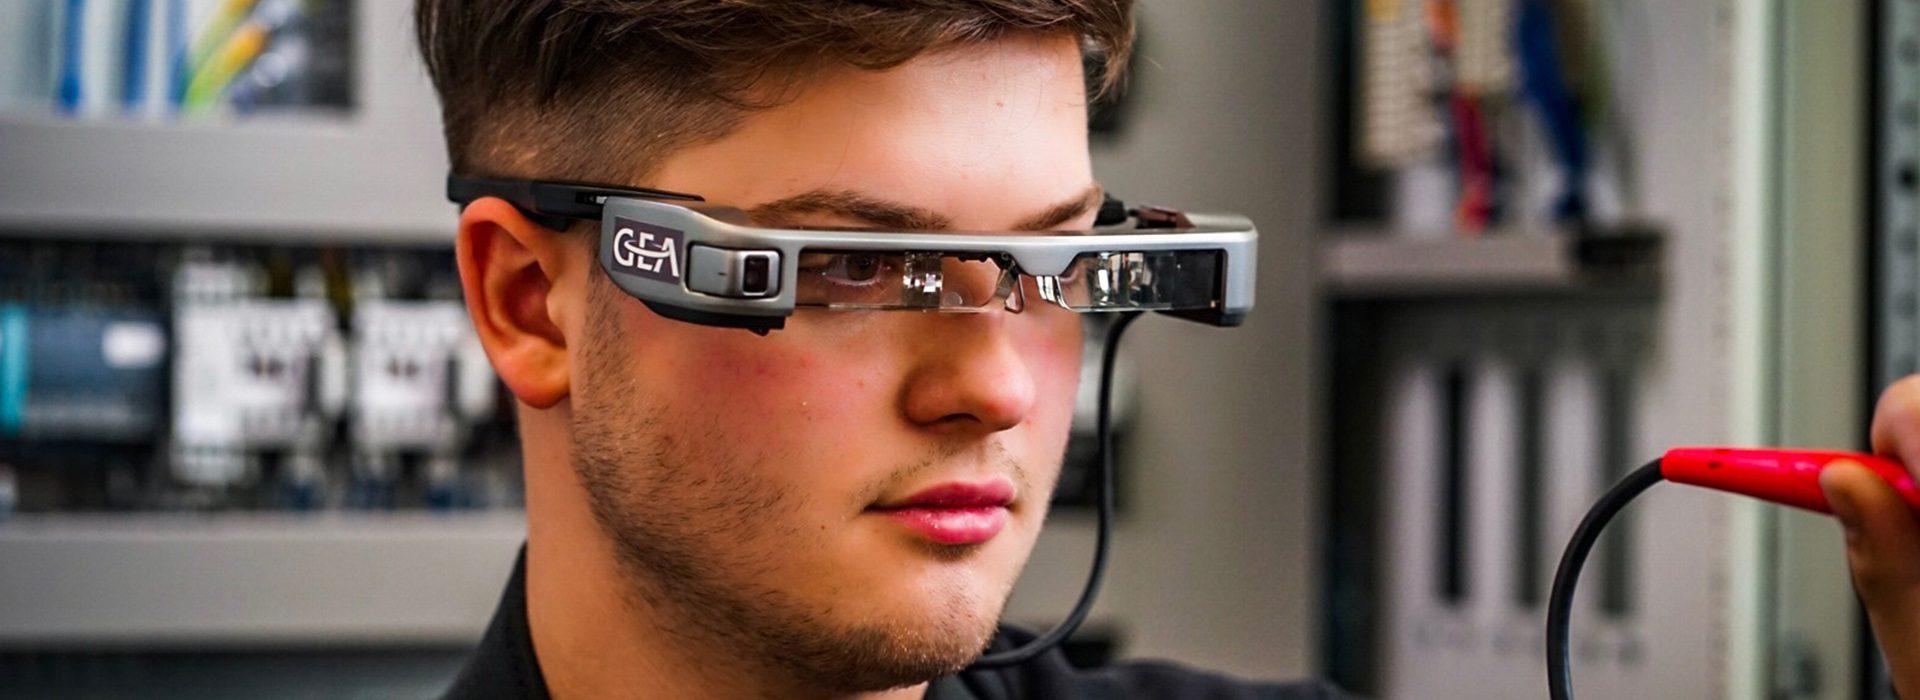 Header_GEA_Digitale_Technologien